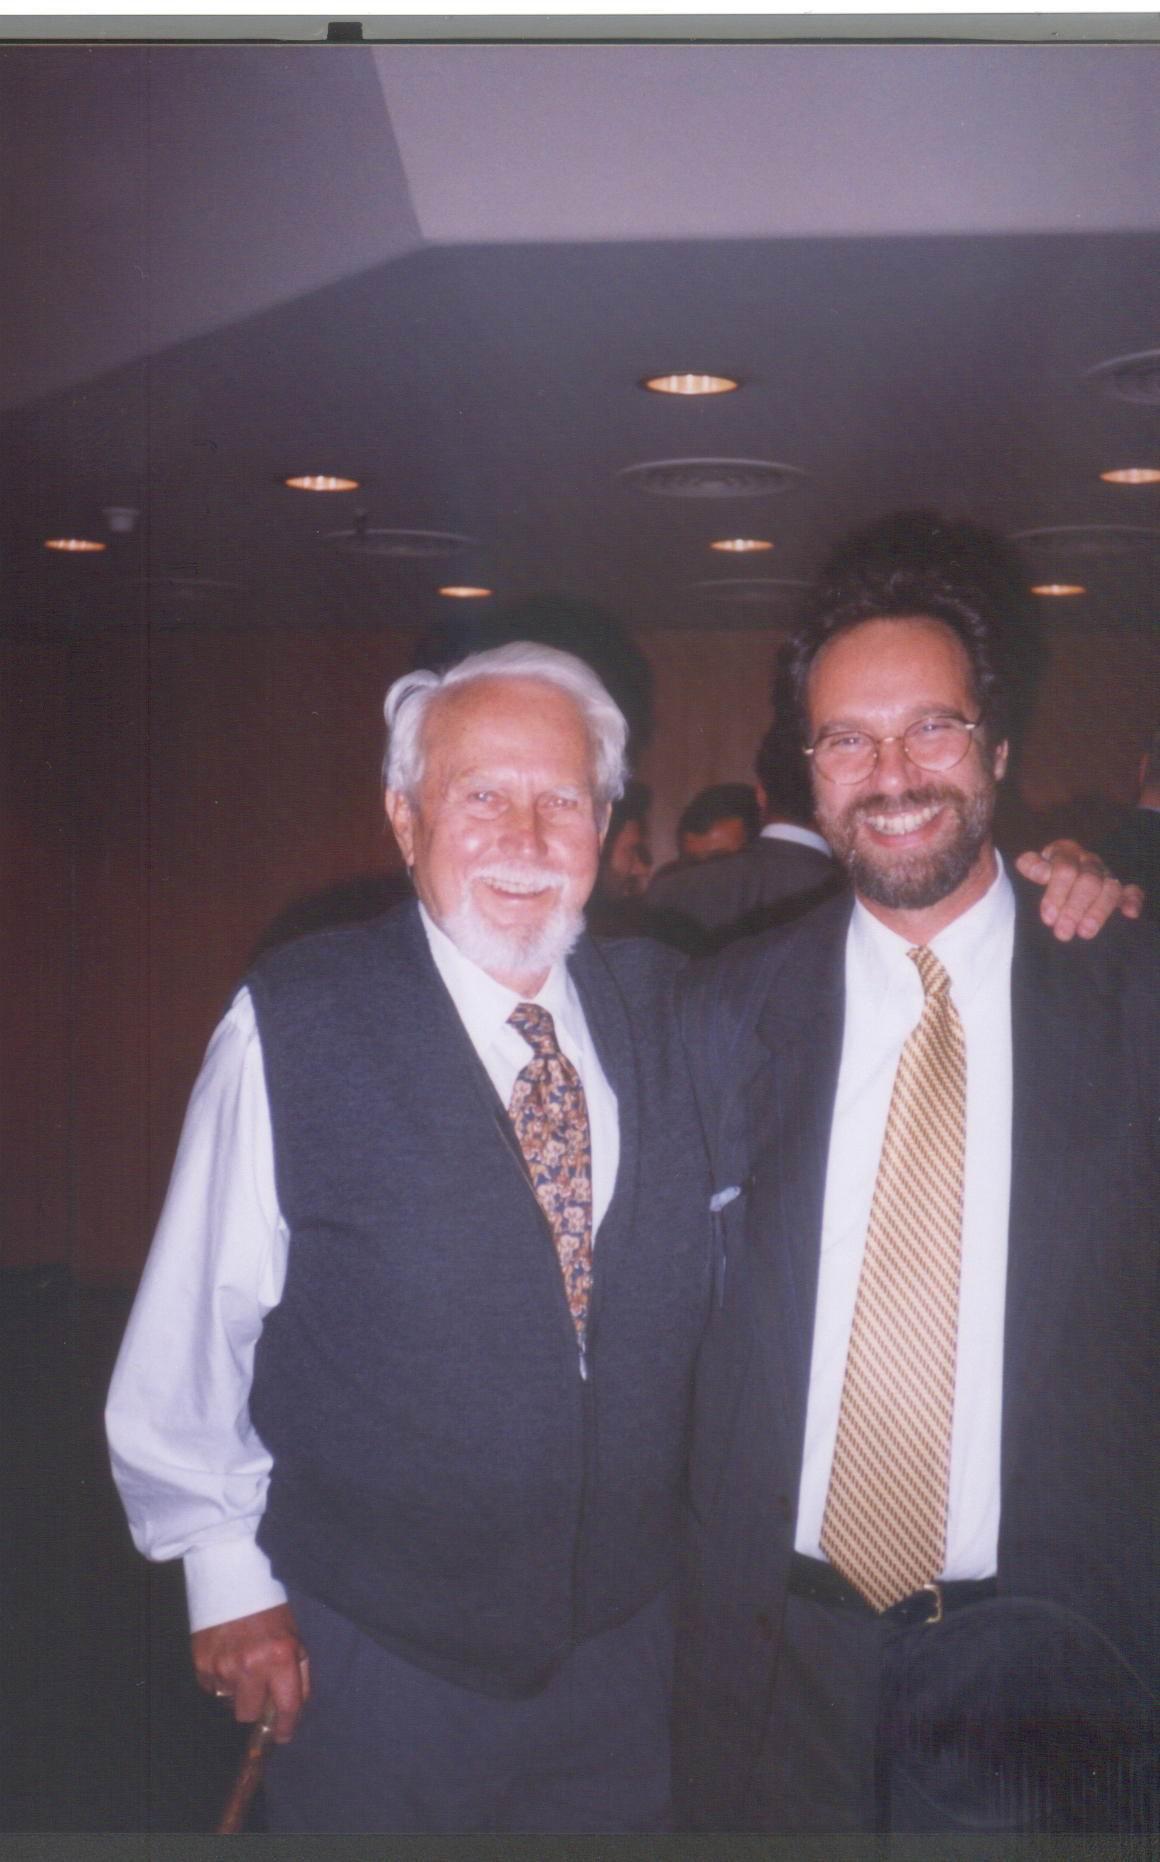 Zienkewicz and Idelsohn